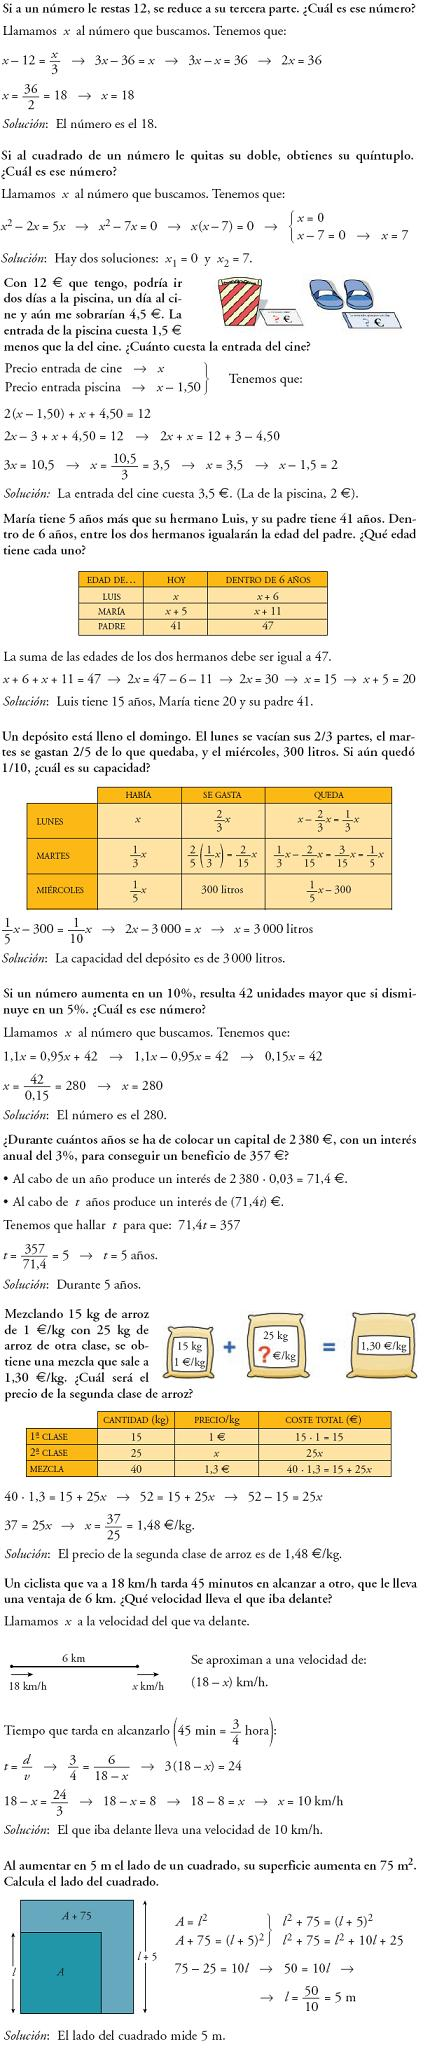 Matemáticas. Piensa y resuelve. Problemas resueltos 3ºESO de ecuaciones